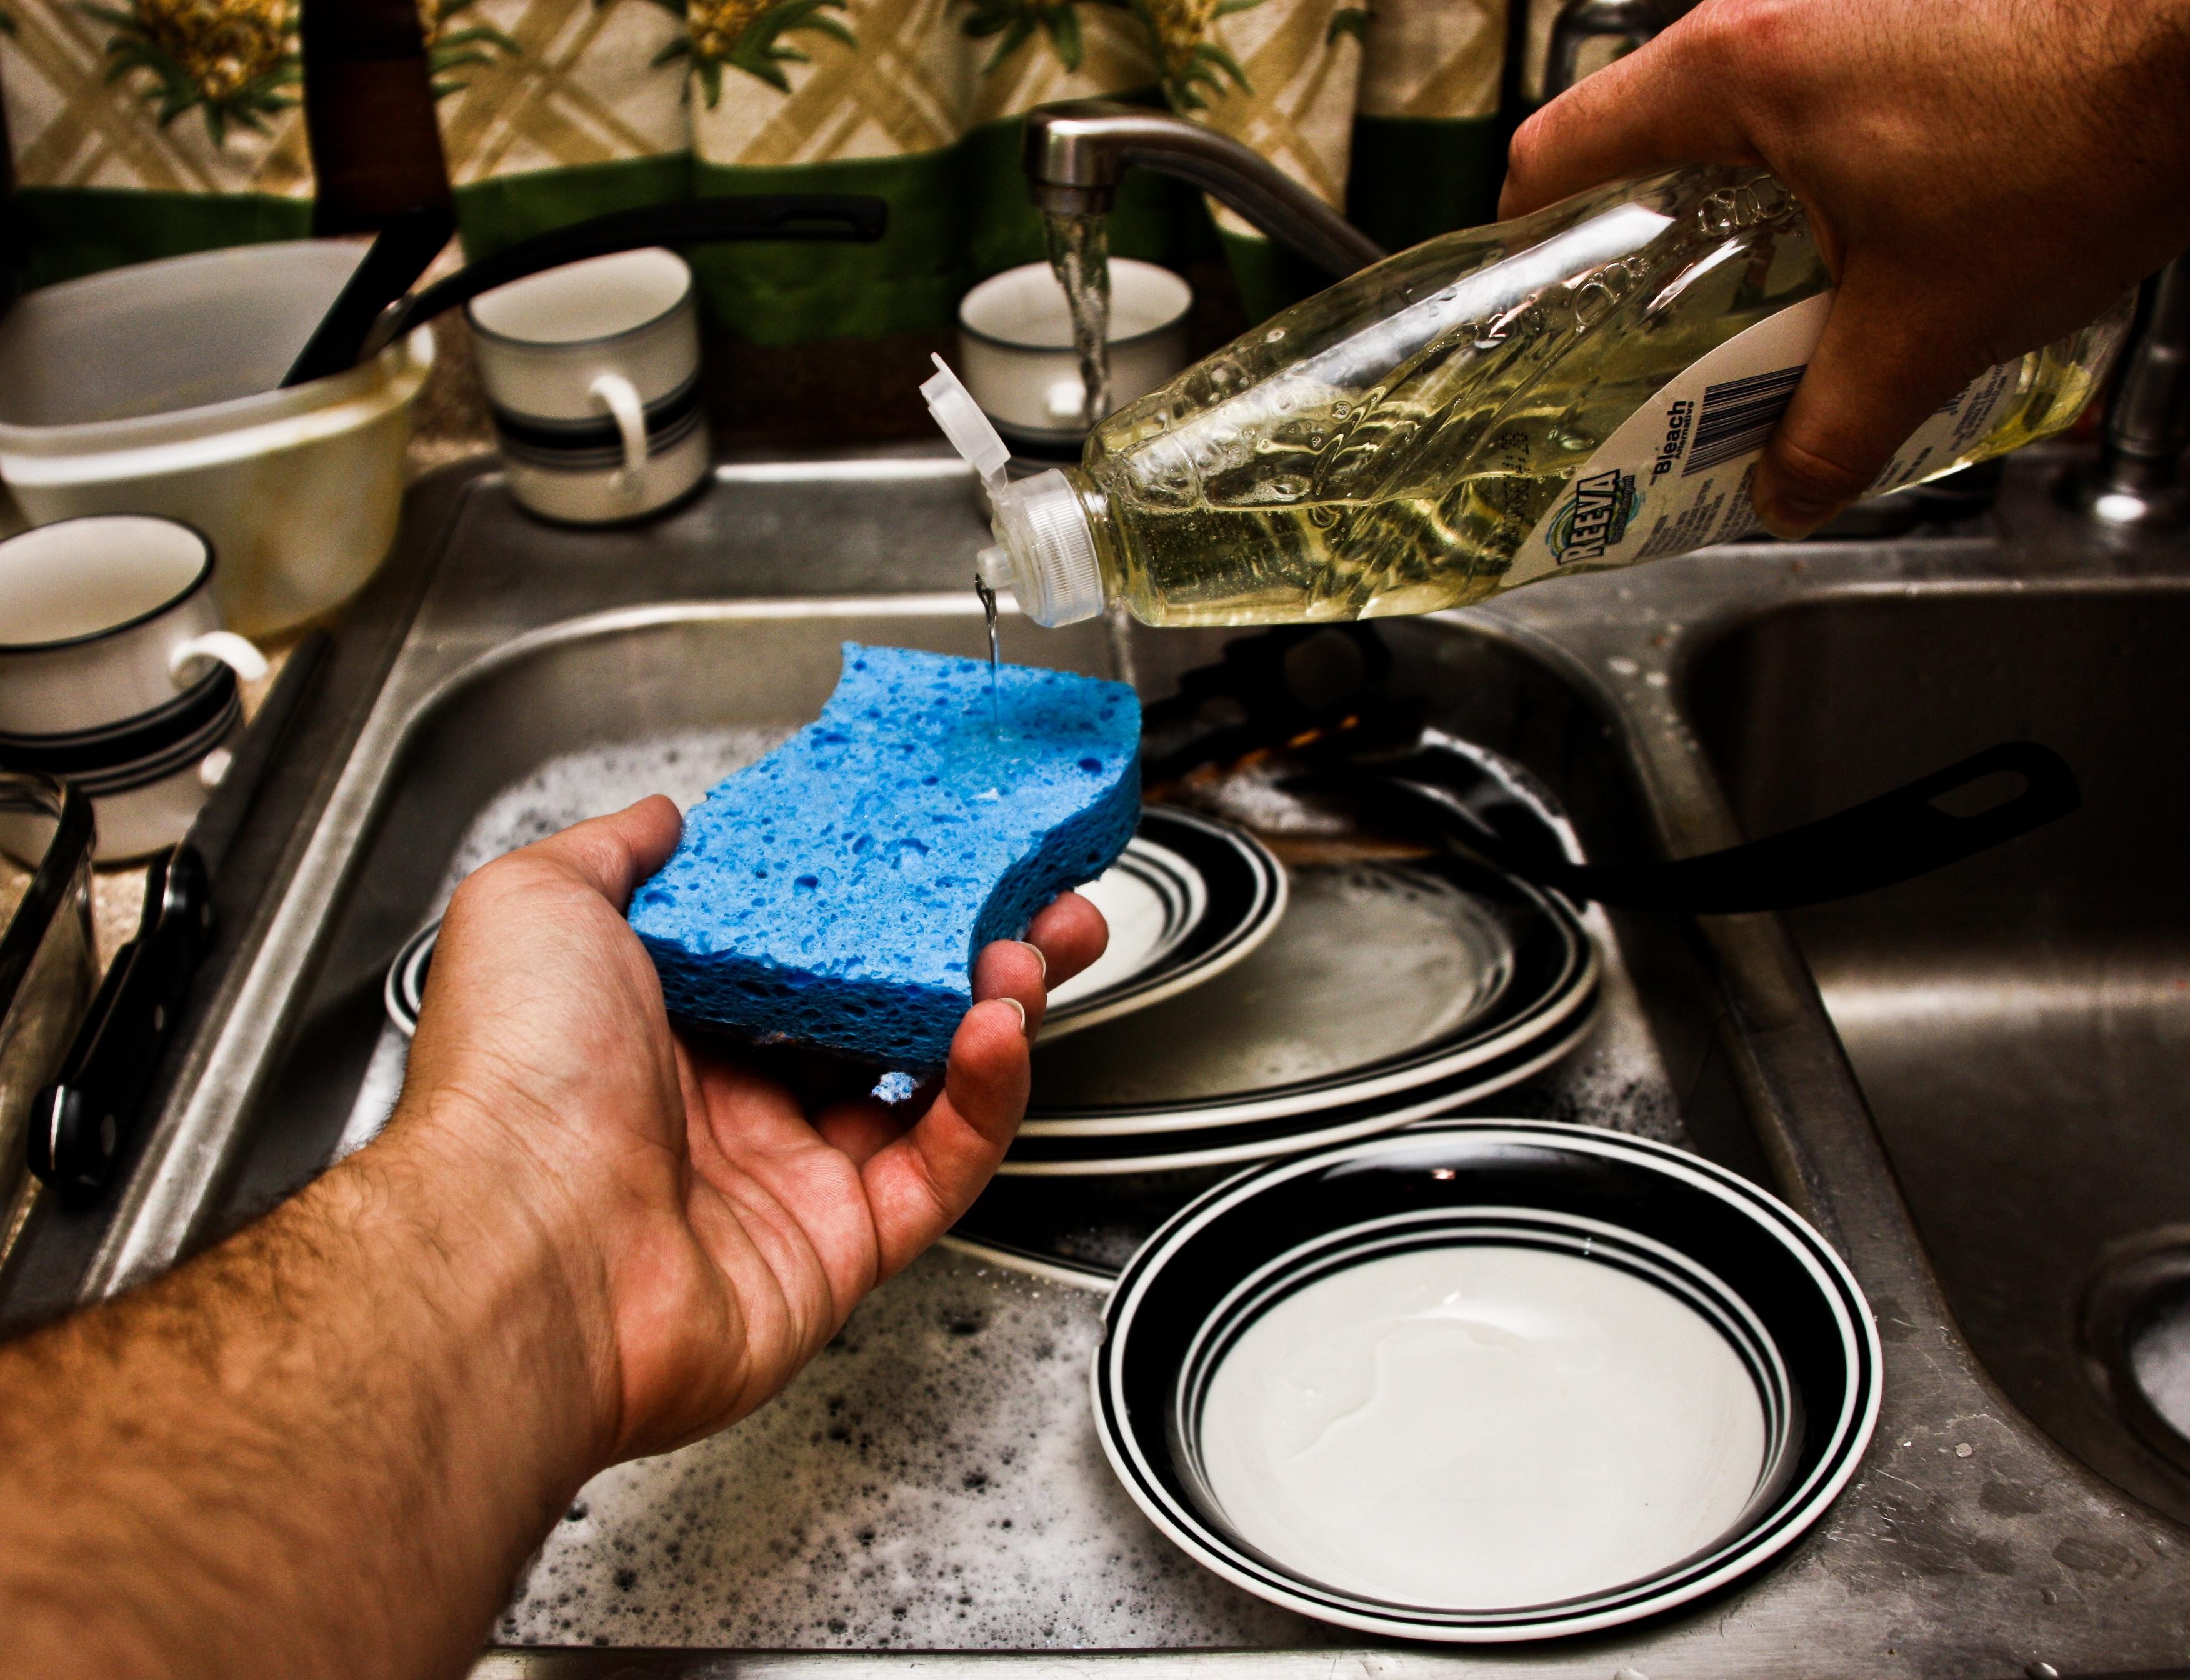 Niños de familias que lavan sus platos a mano son menos propensos a contraer alergias